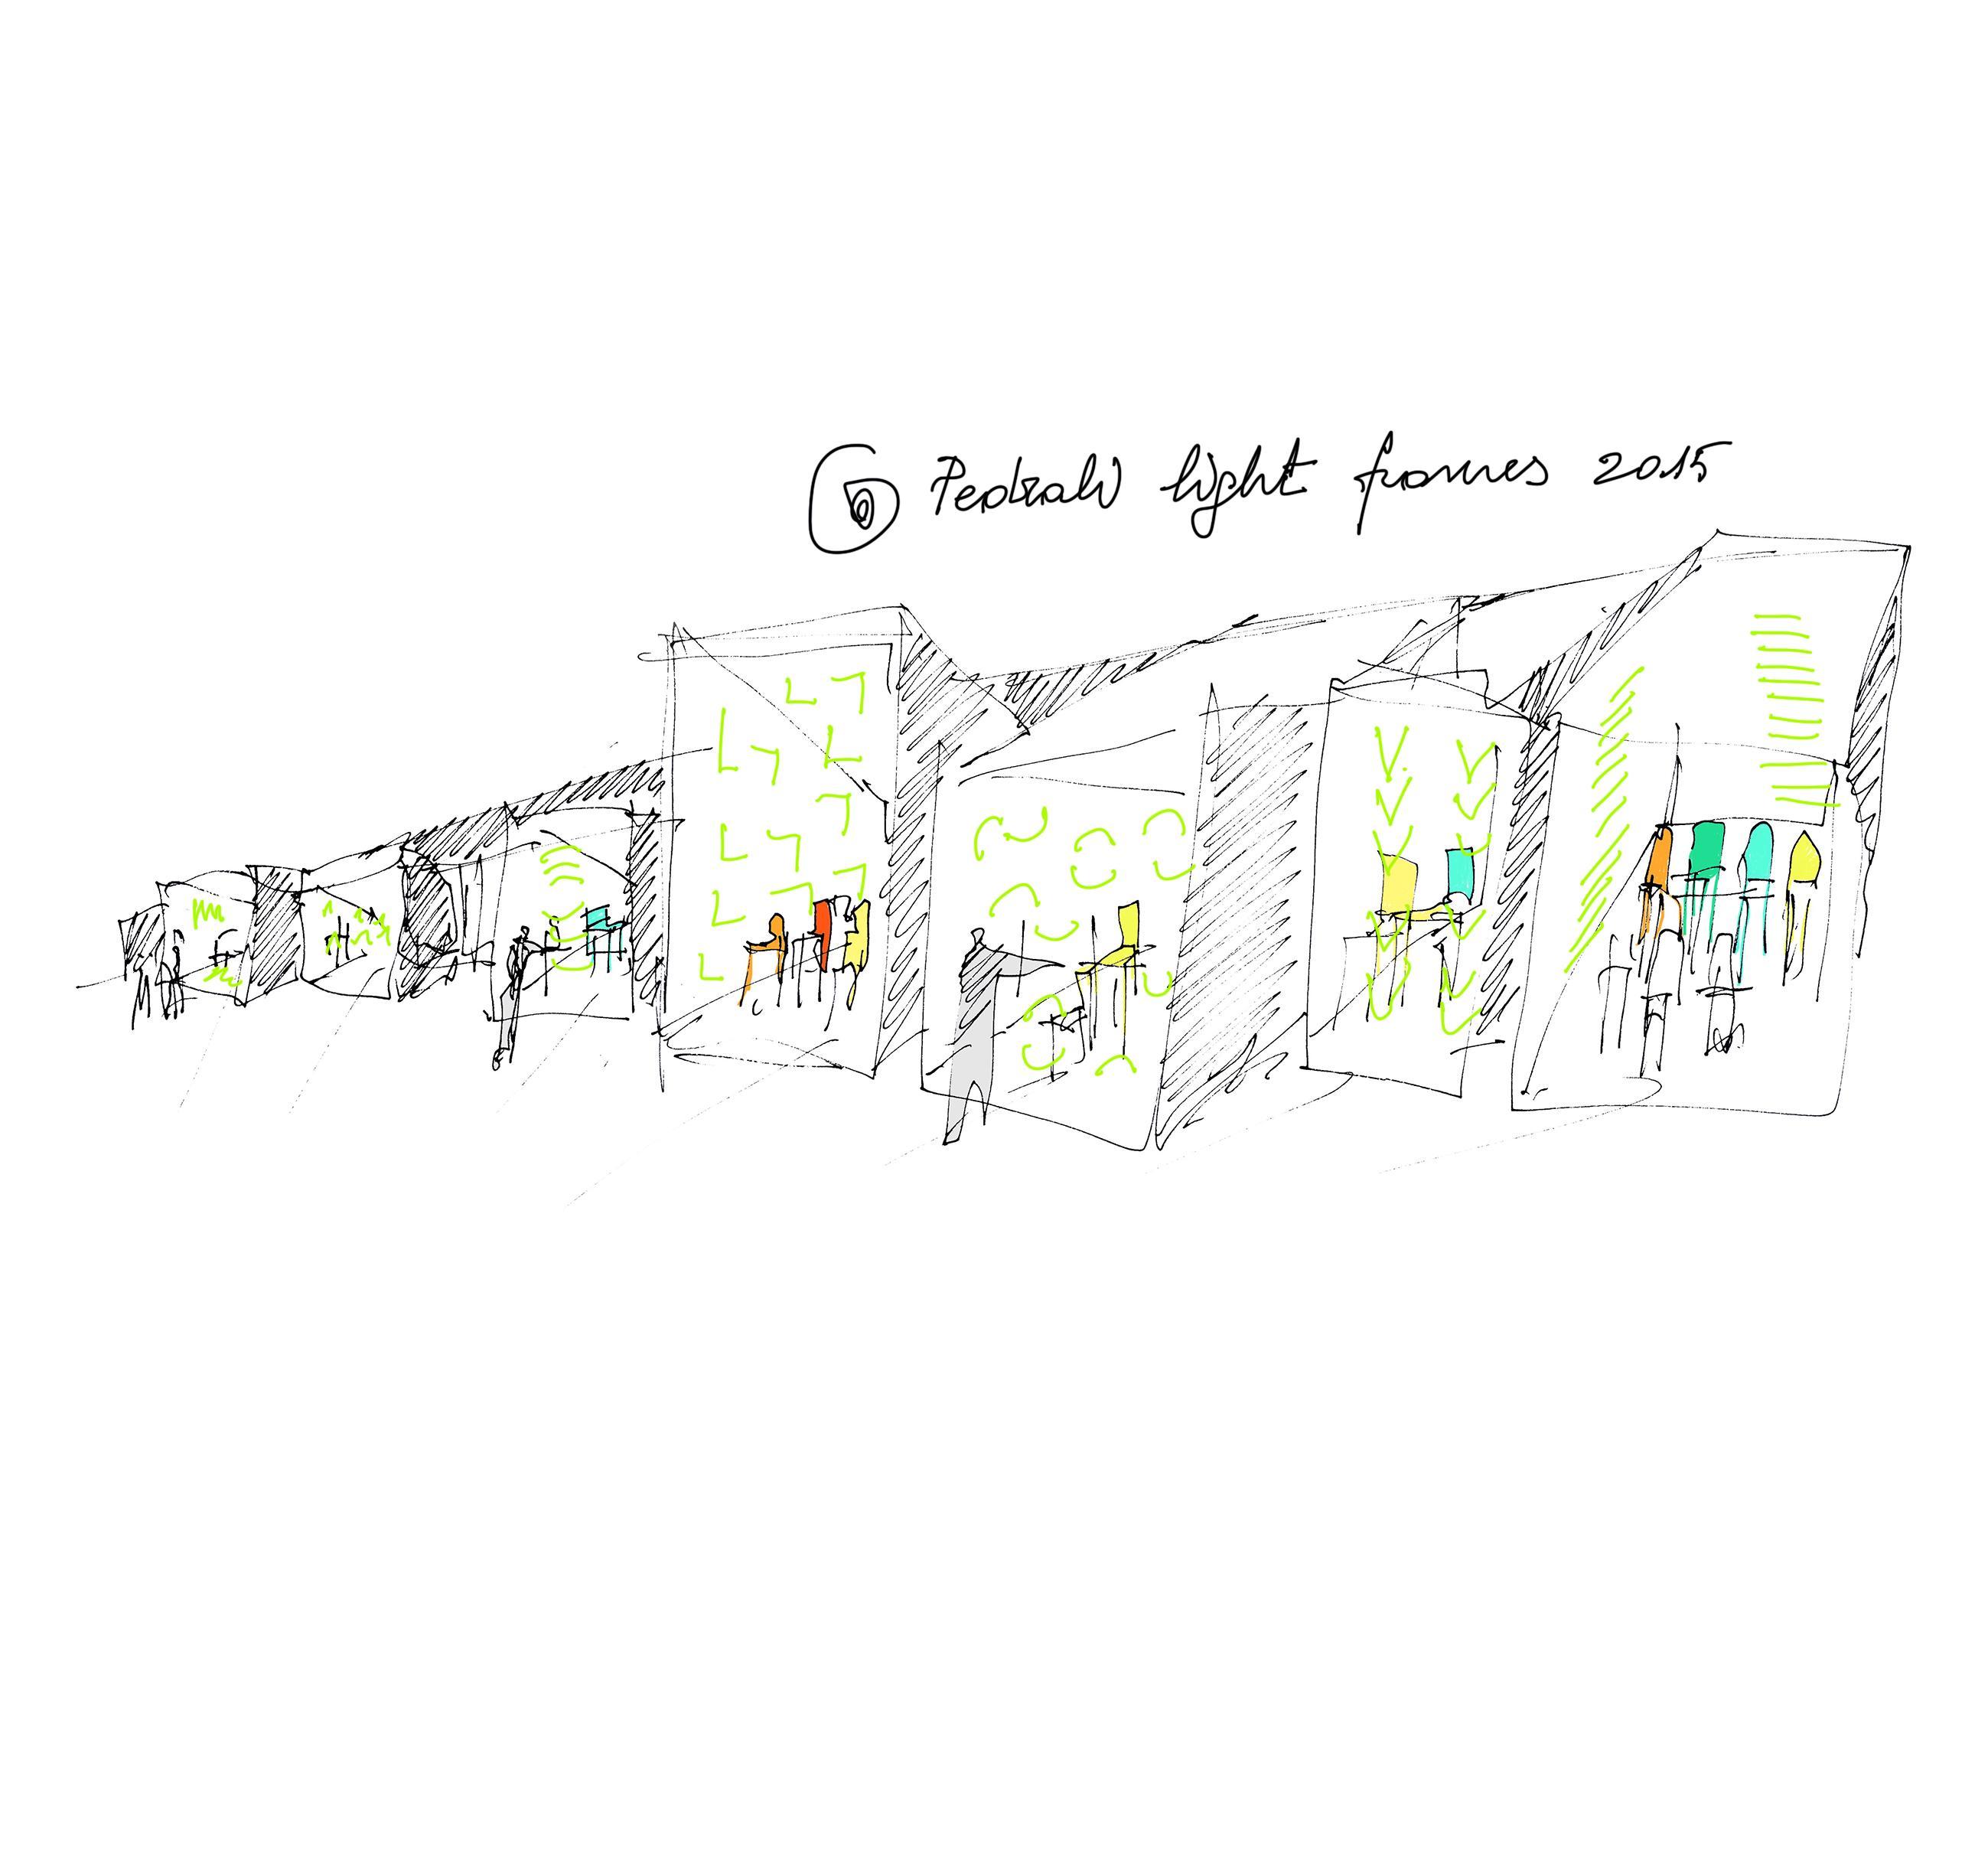 Migliore+Servetto · Pedrali Light Frames · Divisare